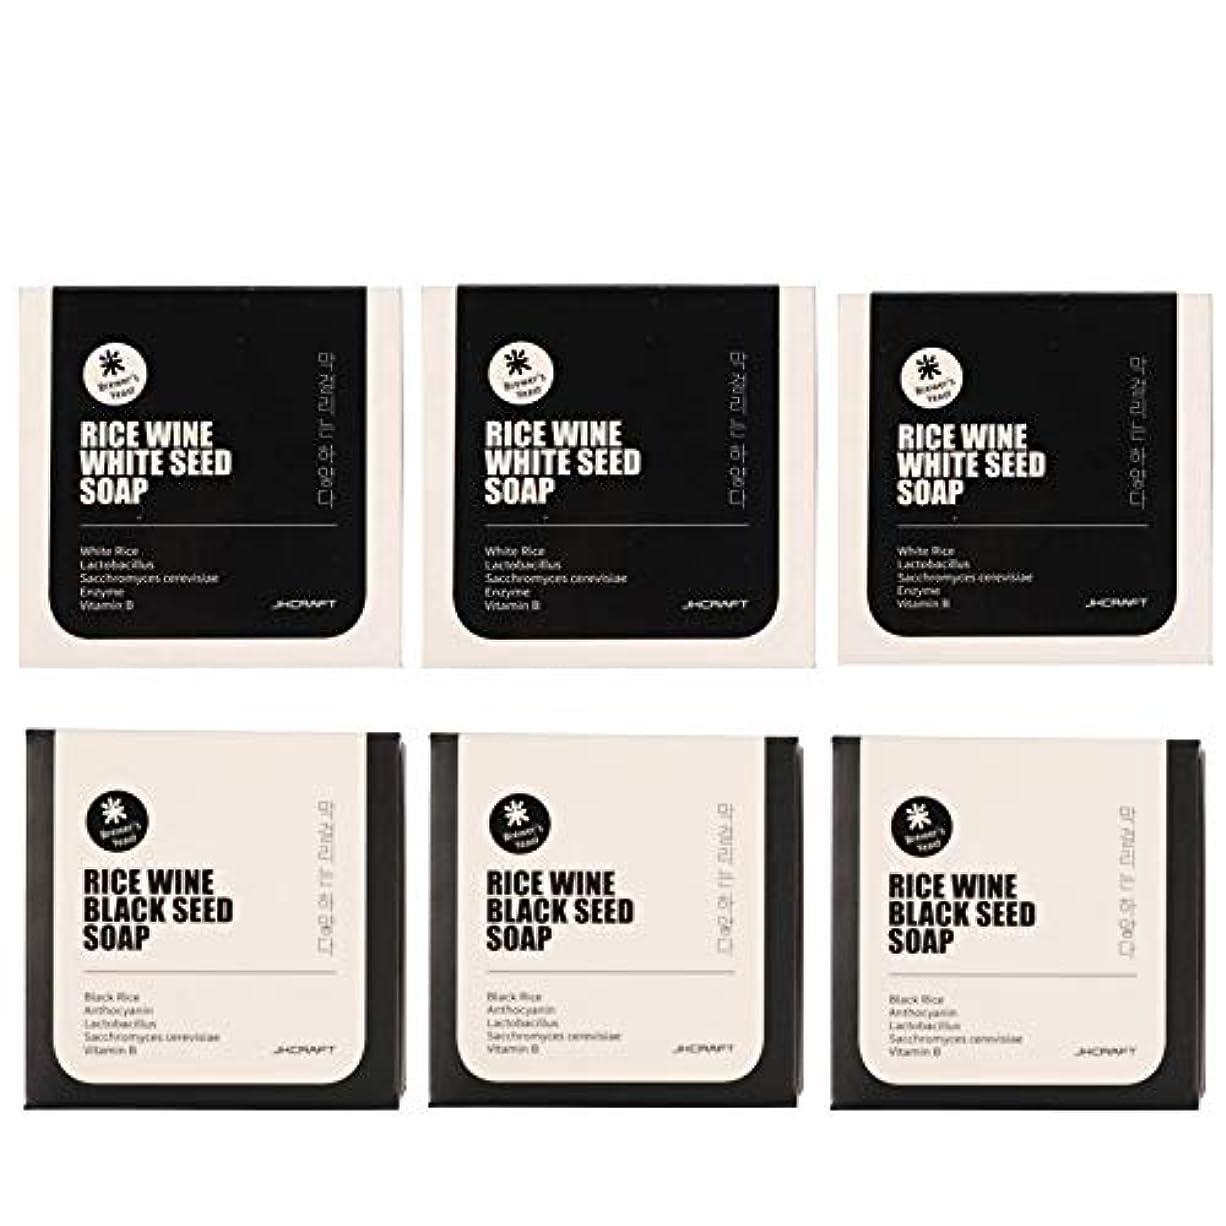 れんがラバヘルパーJKCRAFT RICEWINE WHITE&BLACK SEED SOAP マッコリ酵母石鹸 & 黒米マッコリ酵母石鹸無添加,無刺激,天然洗顔石鹸 6pcs [並行輸入品]